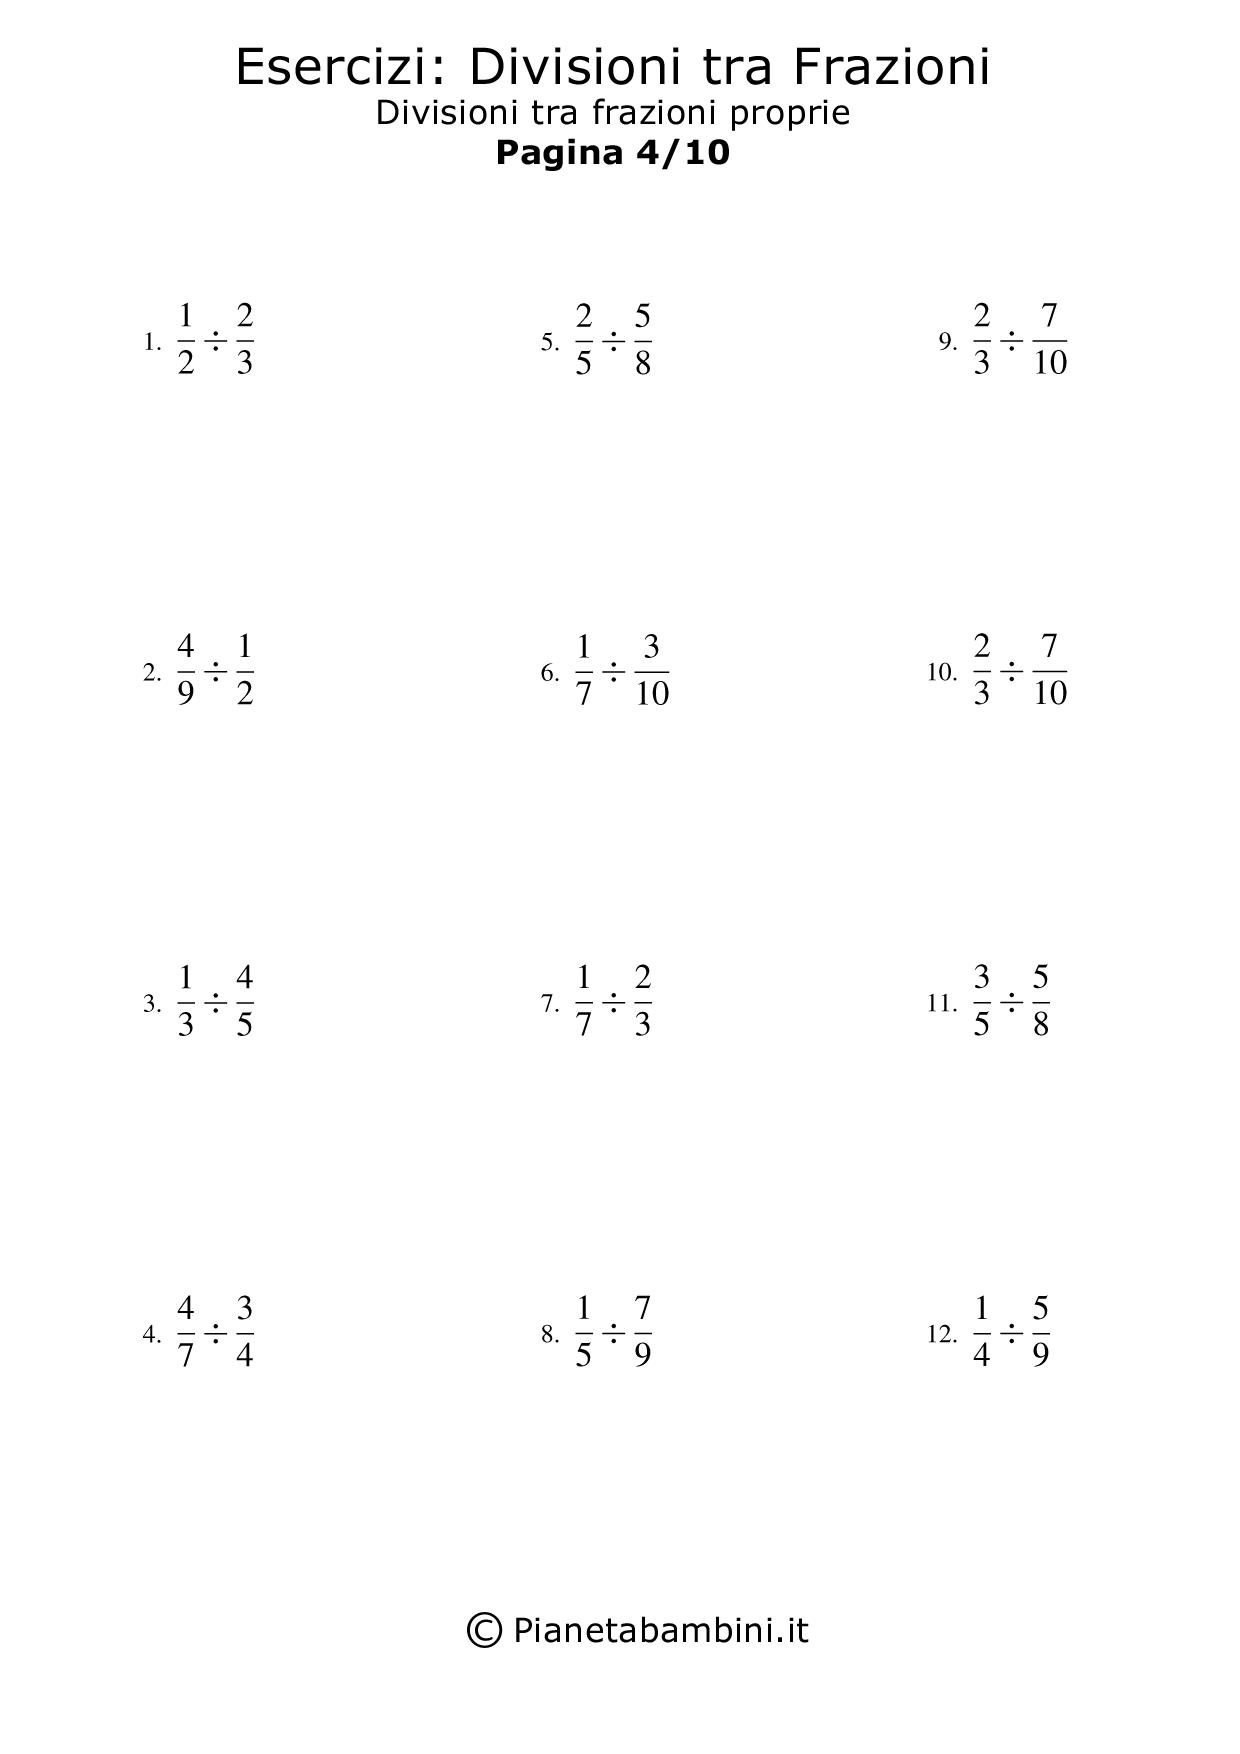 Esercizi-Divisioni-Frazioni-Proprie_04